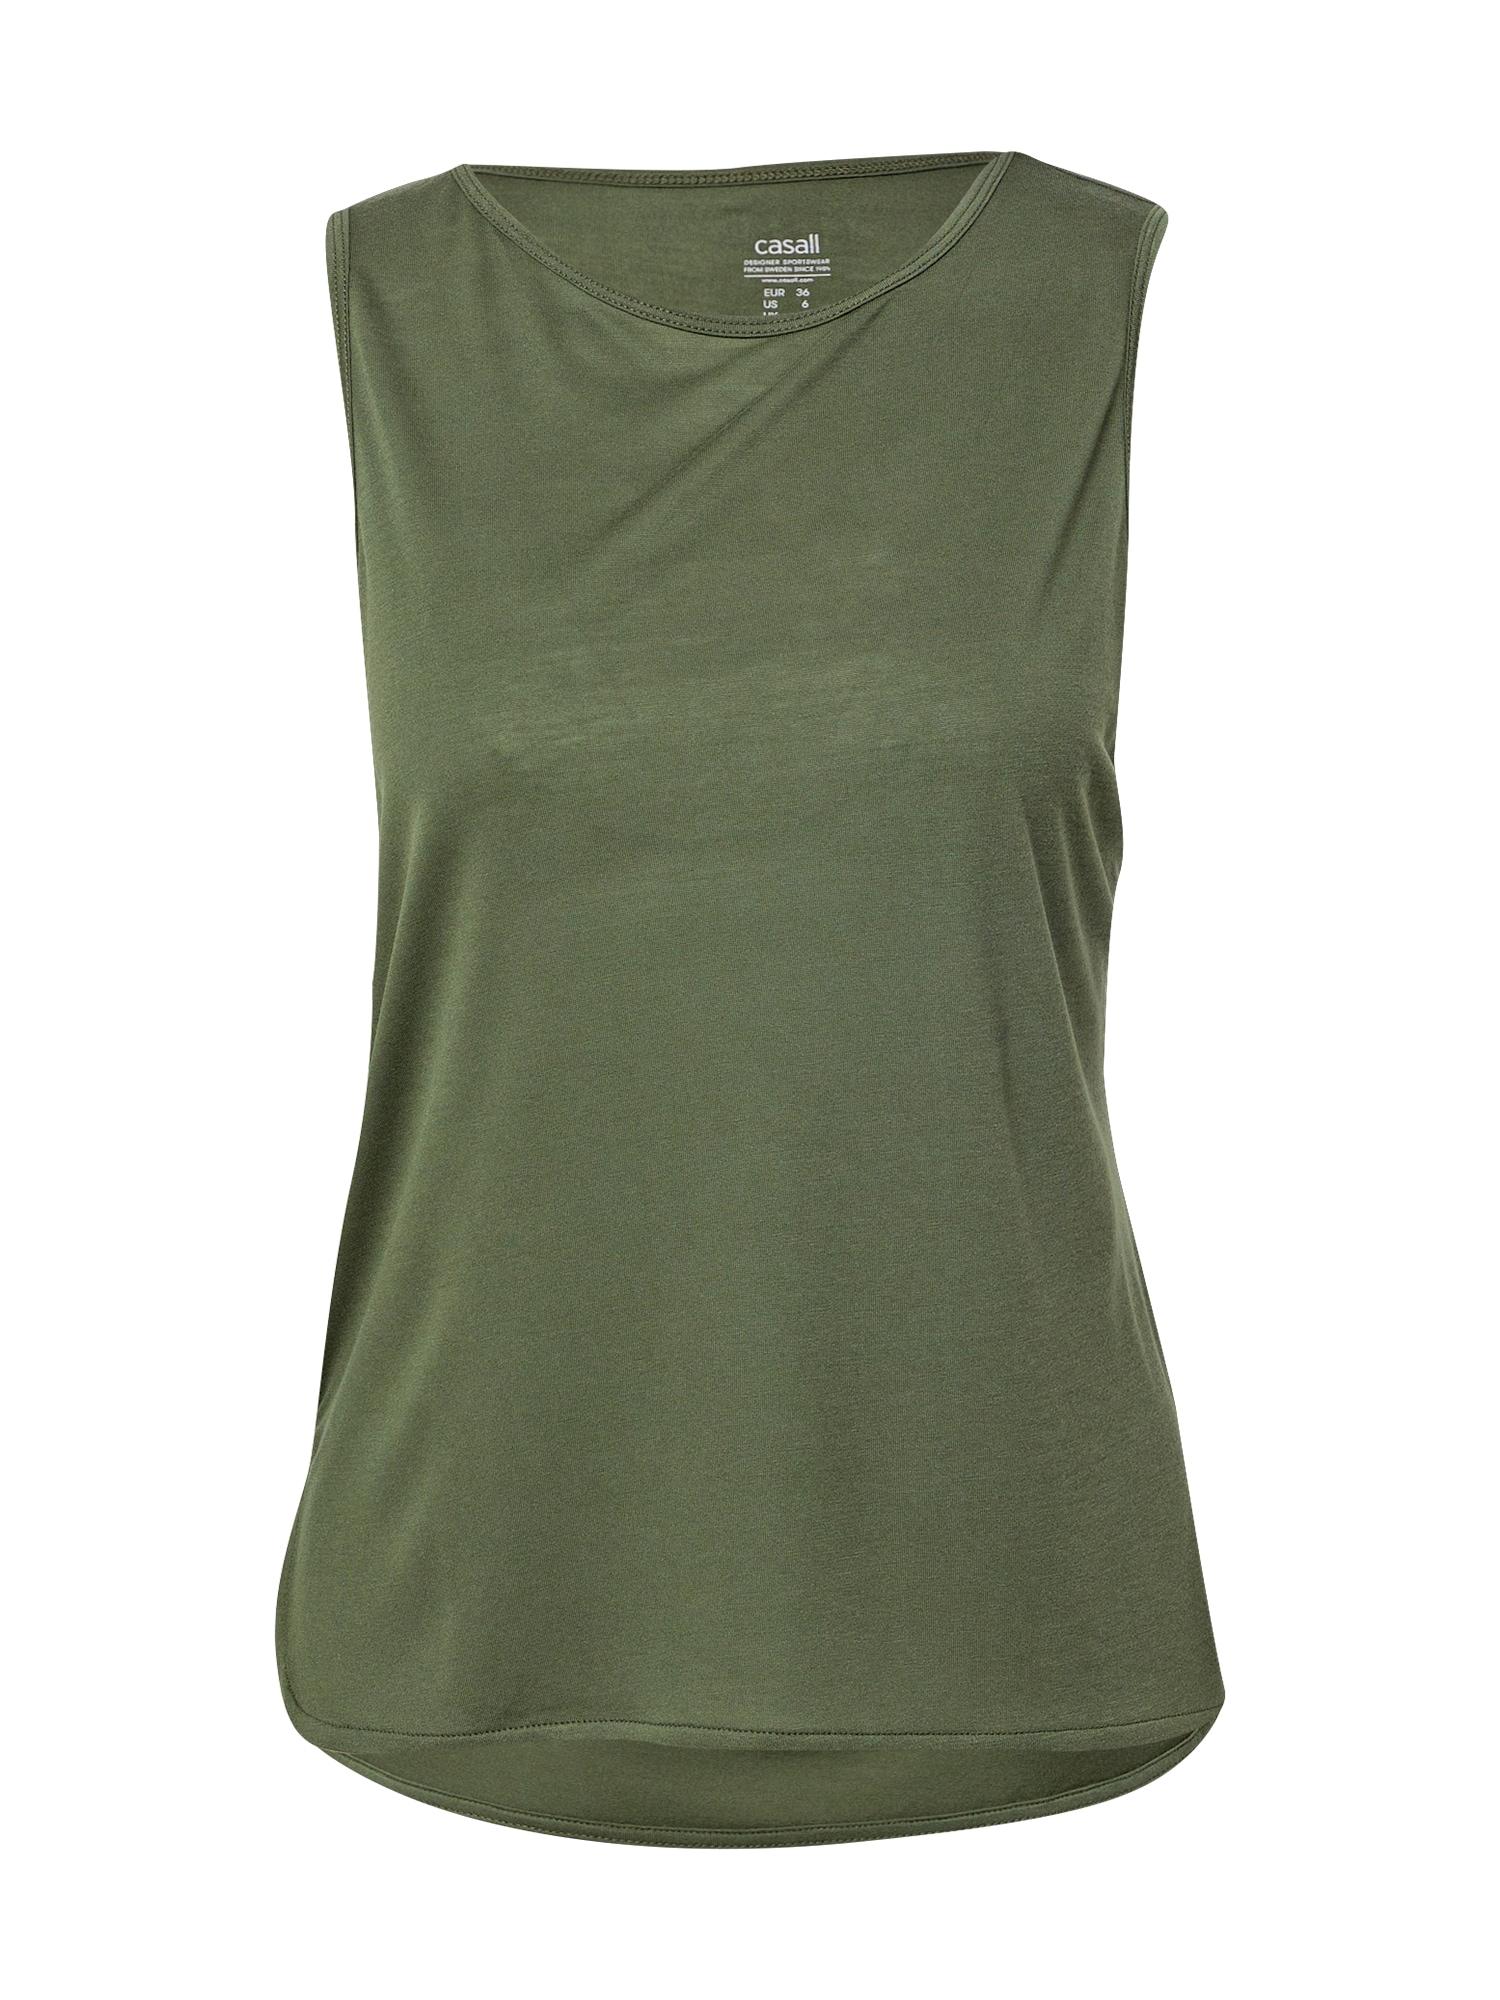 Casall Sportiniai marškinėliai be rankovių alyvuogių spalva / tamsiai pilka